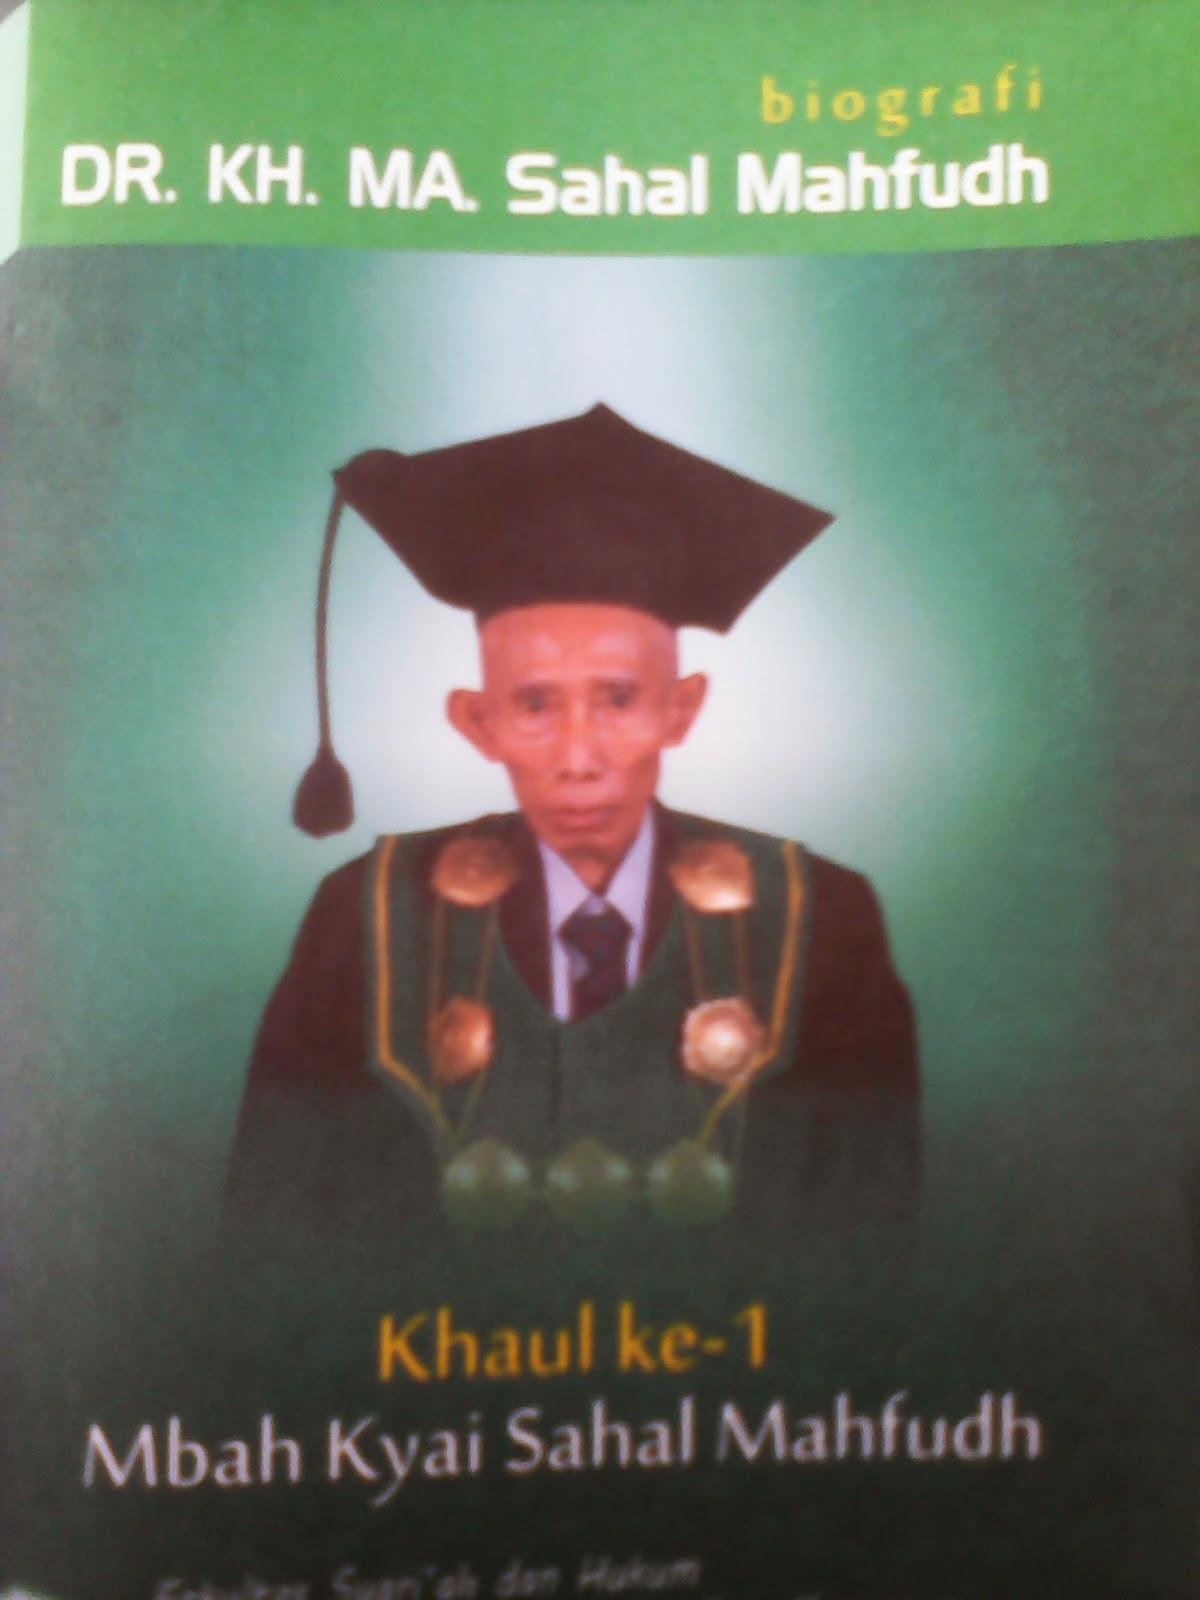 Biografi DR. KH. MA. Sahal Mahfudh, Haul DR. KH. MA. Sahal Mahfudh, karir DR. KH. MA. Sahal Mahfudh, Cita-cita DR. KH. MA. Sahal Mahfudh, gambar DR. KH. MA. Sahal Mahfudh, tentang DR. KH. MA. Sahal Mahfudh